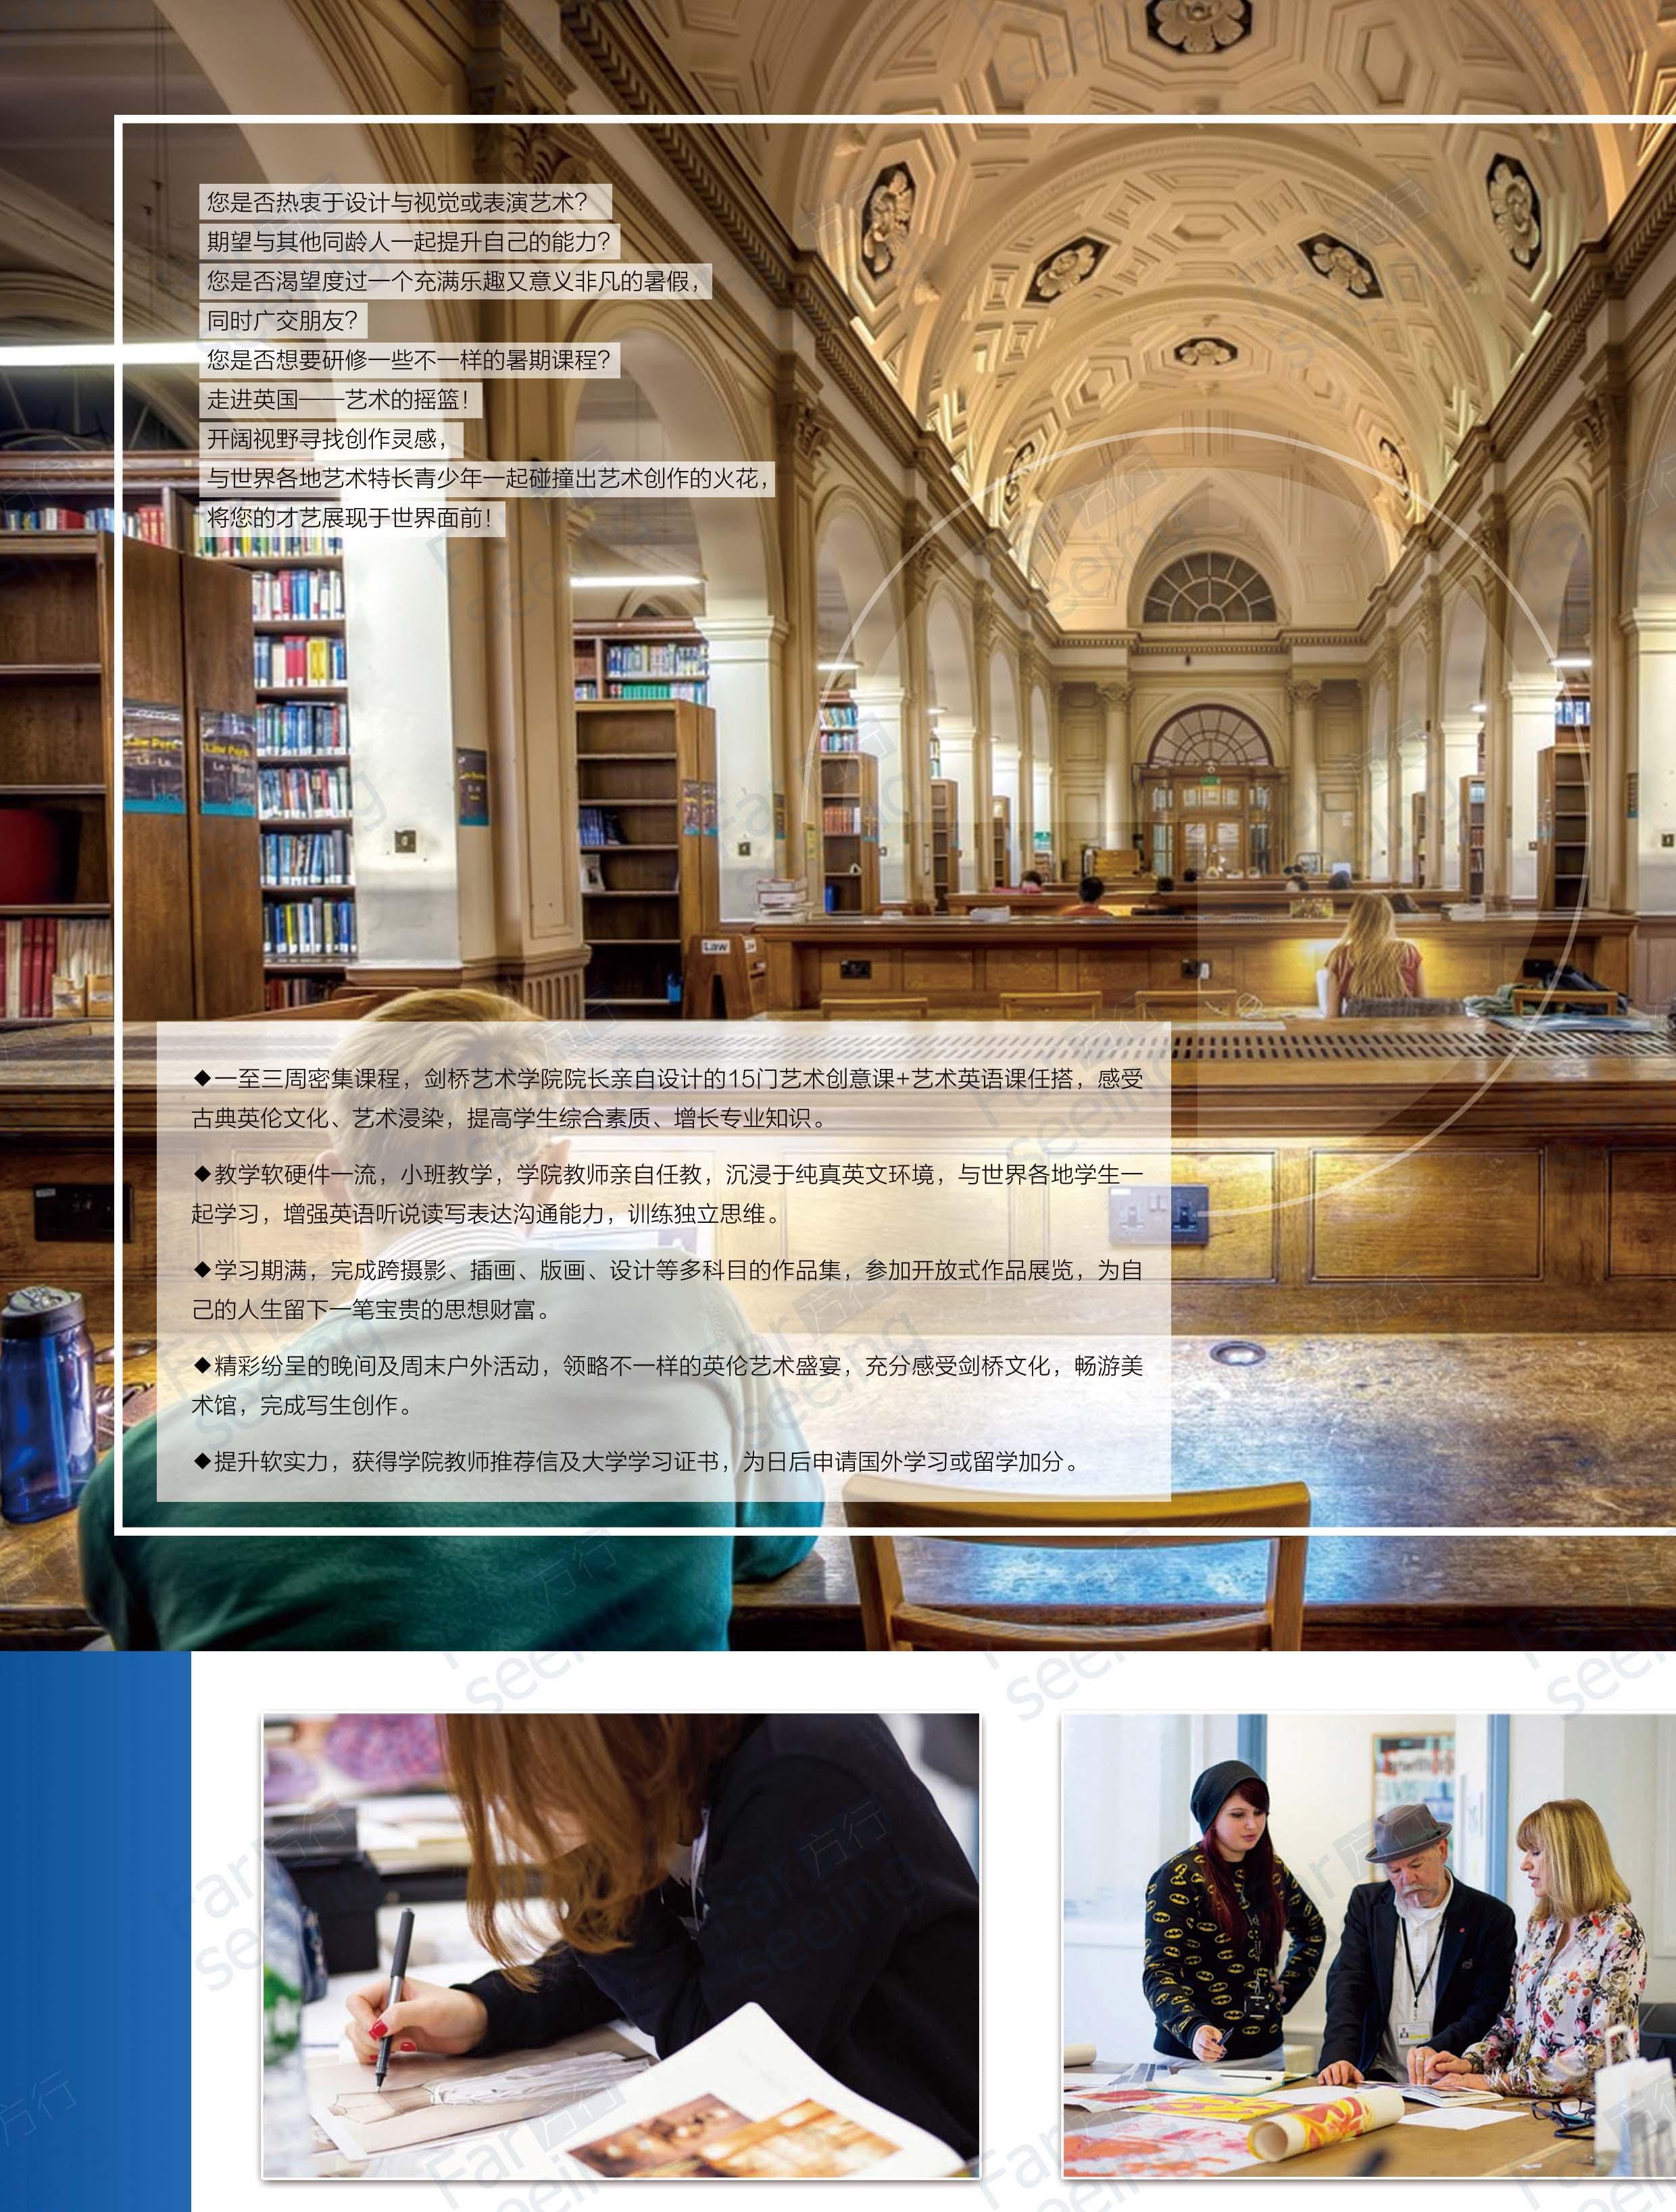 游学产品手册对外版_页面_32.jpg